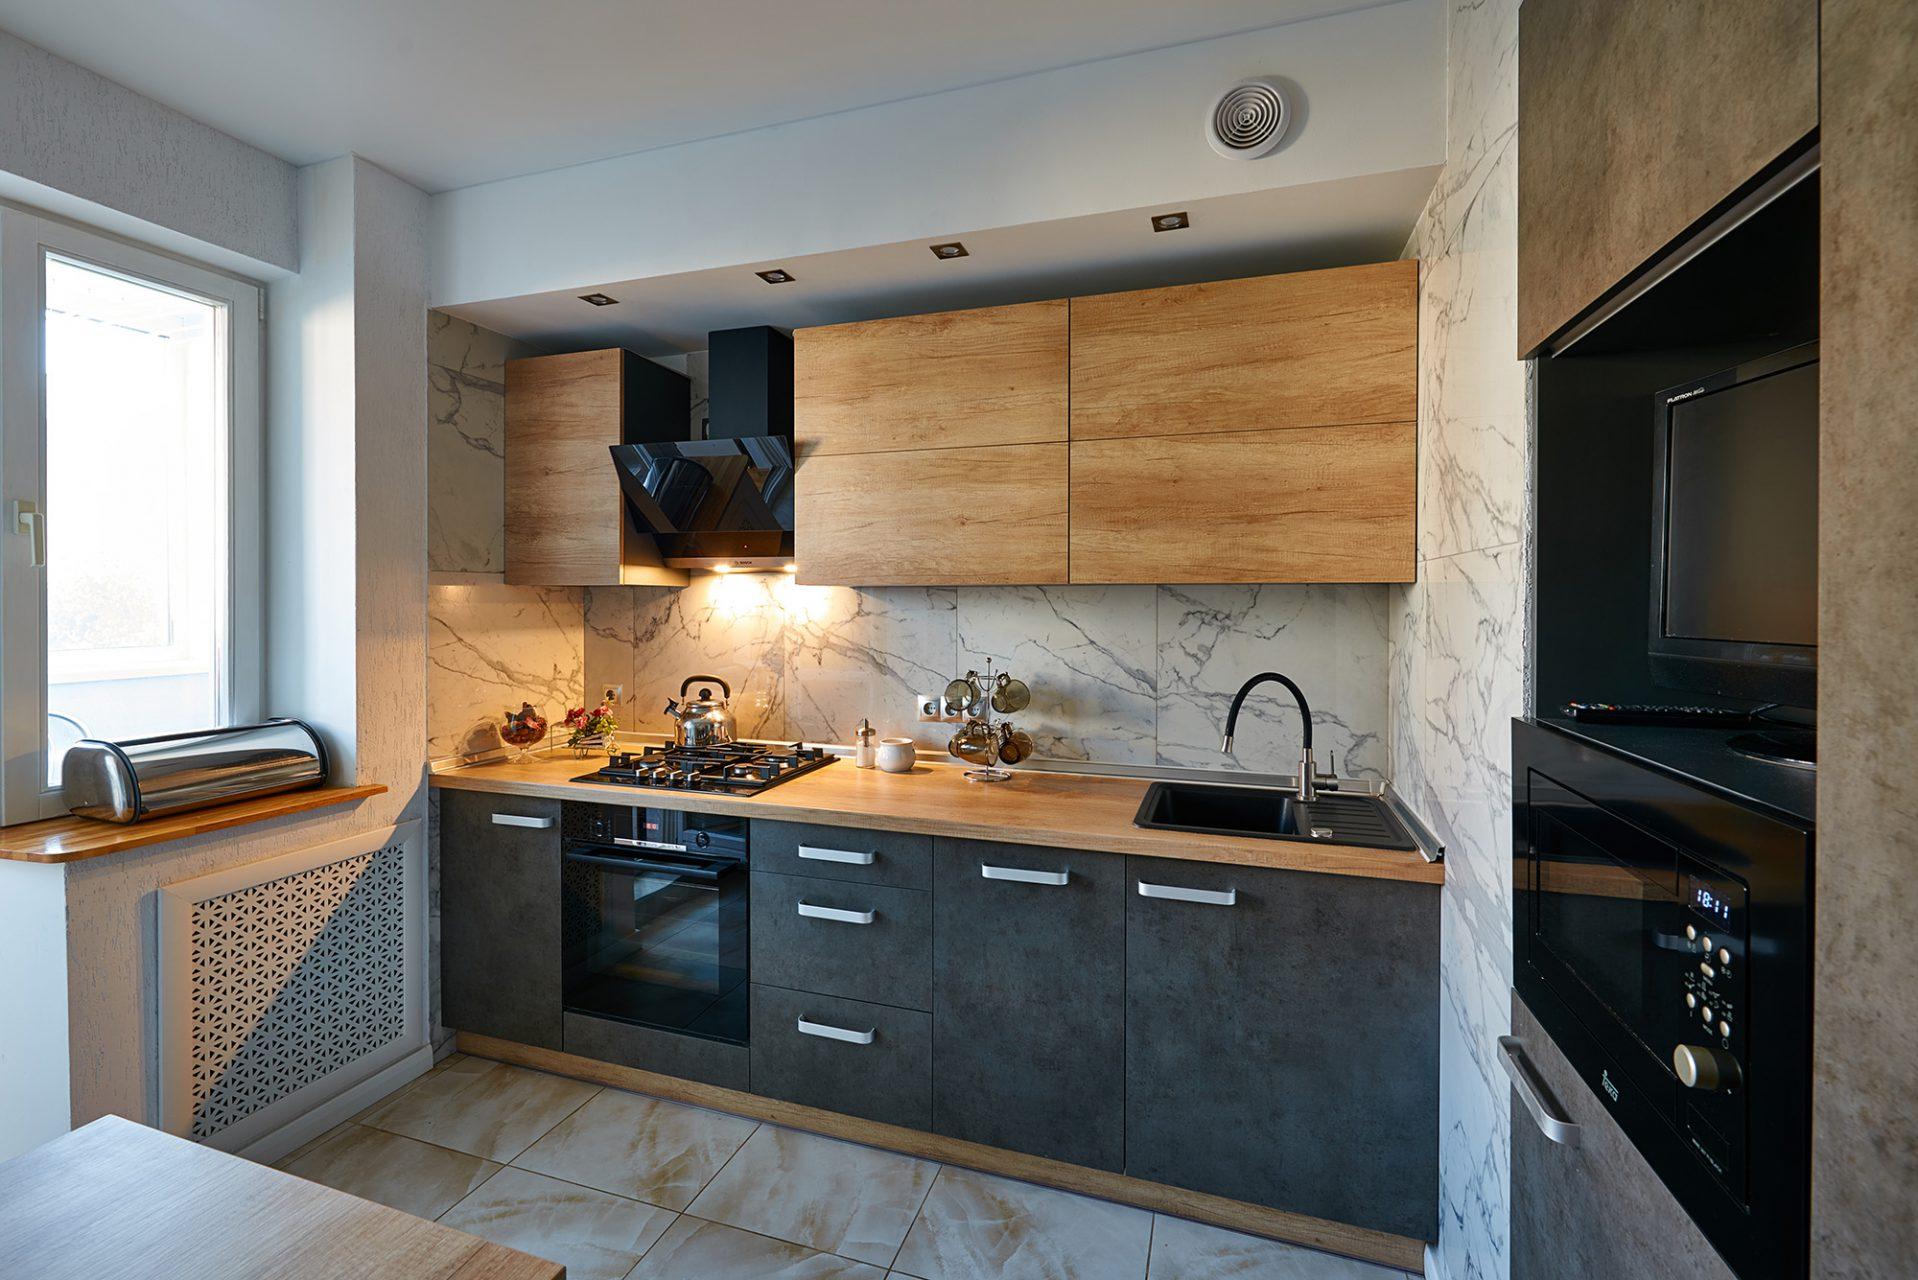 001_interior_kitchen2_korneychikeu